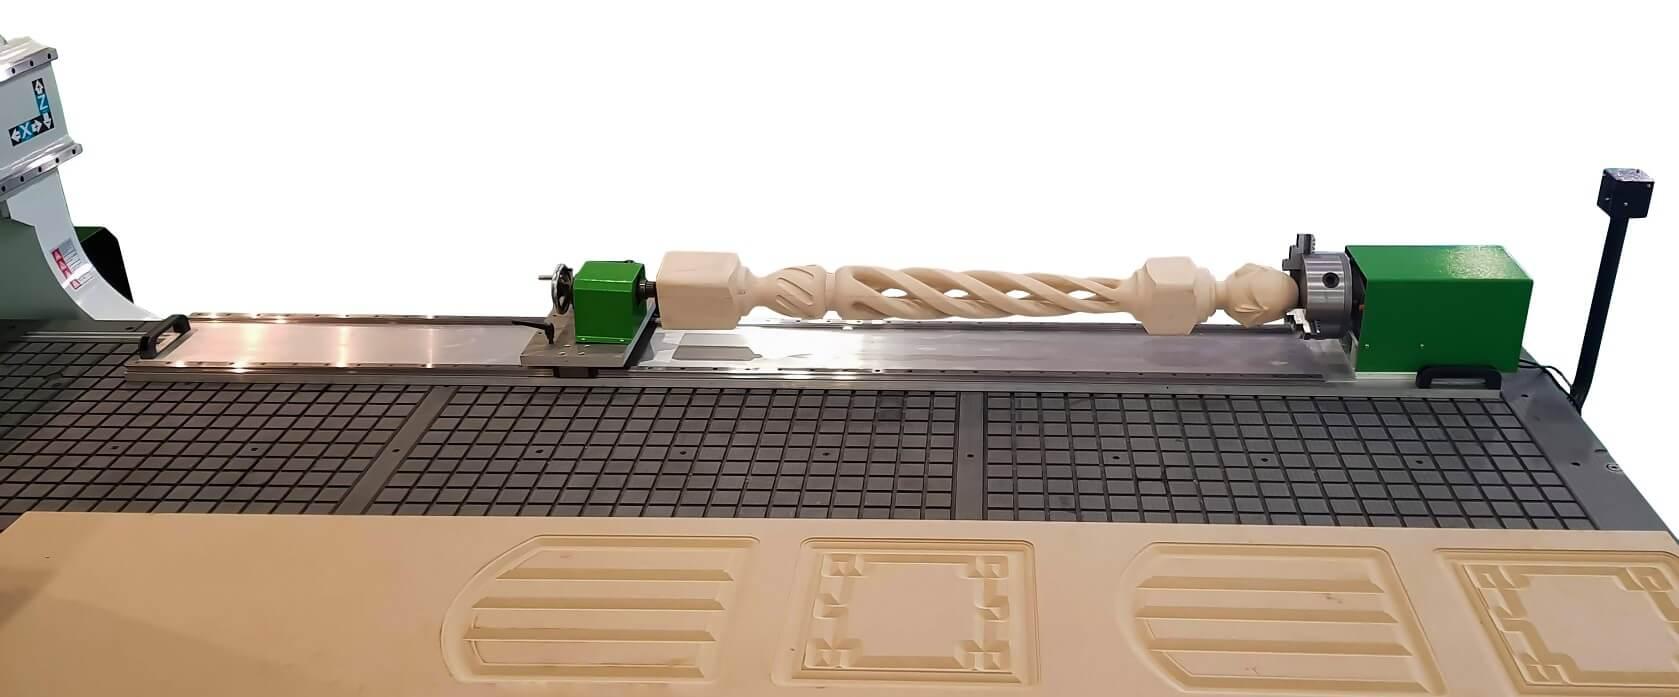 Router CNC Seria Pro +4 2